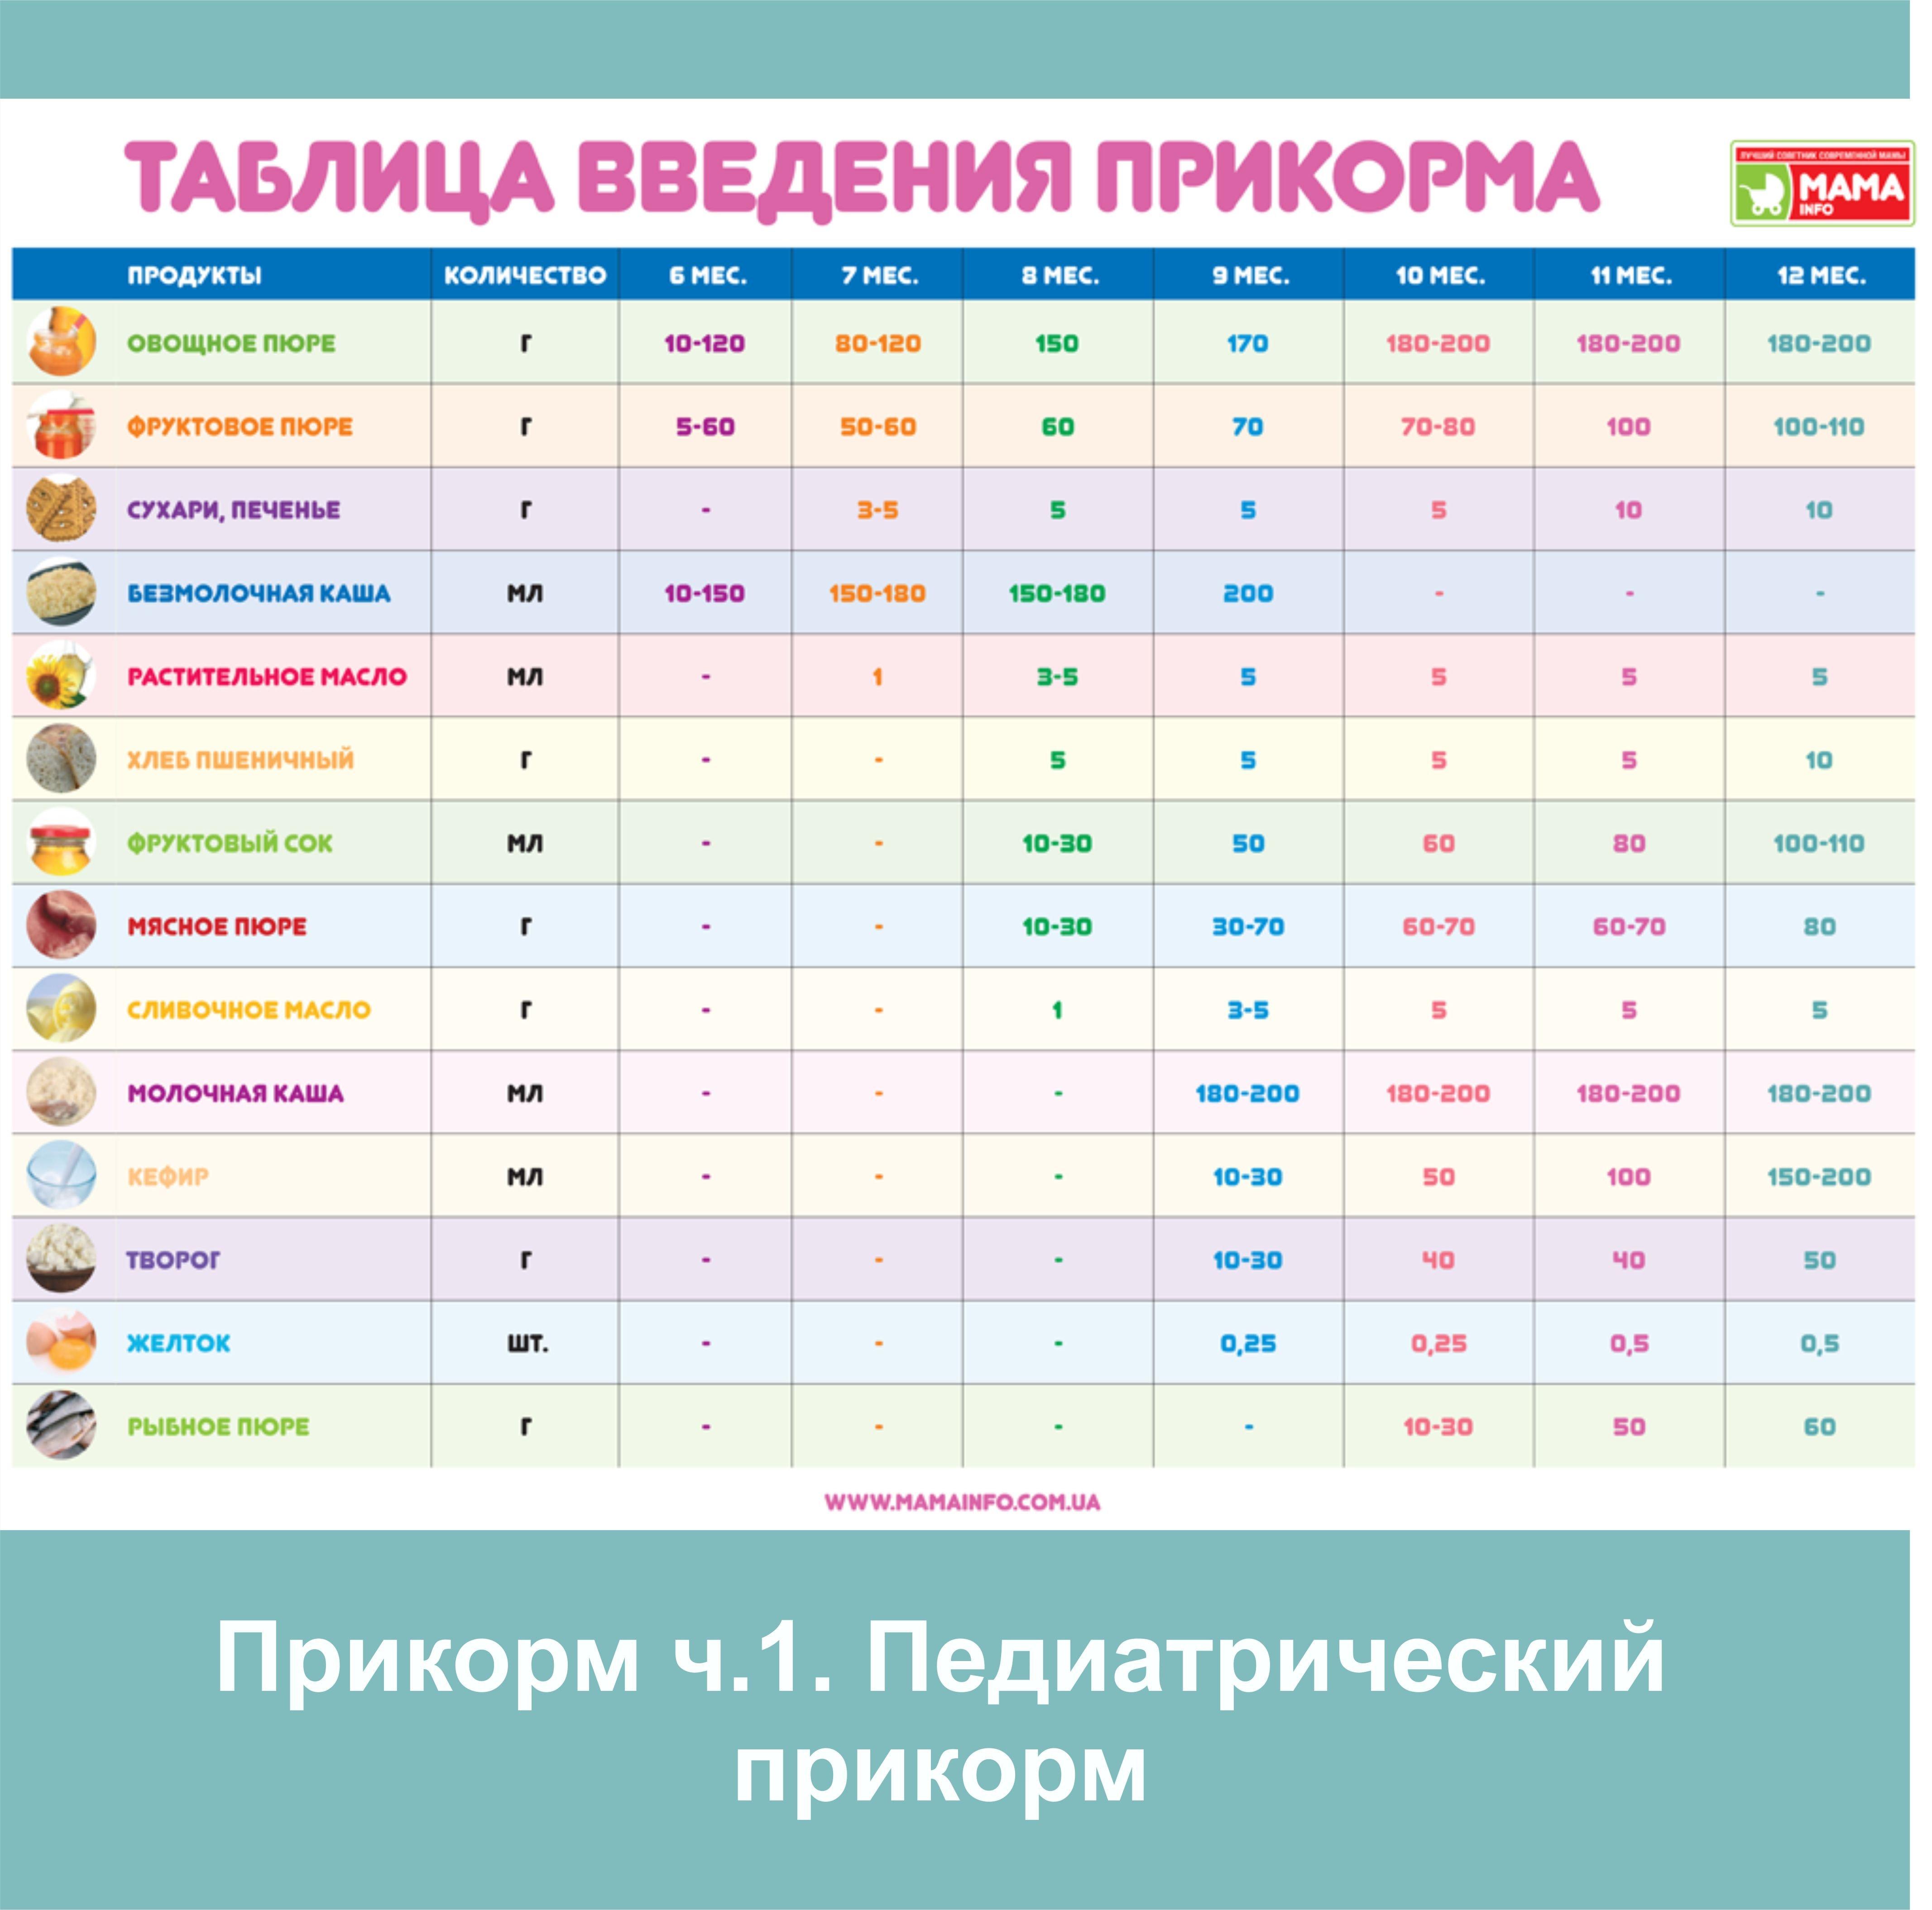 прикорм ч 1